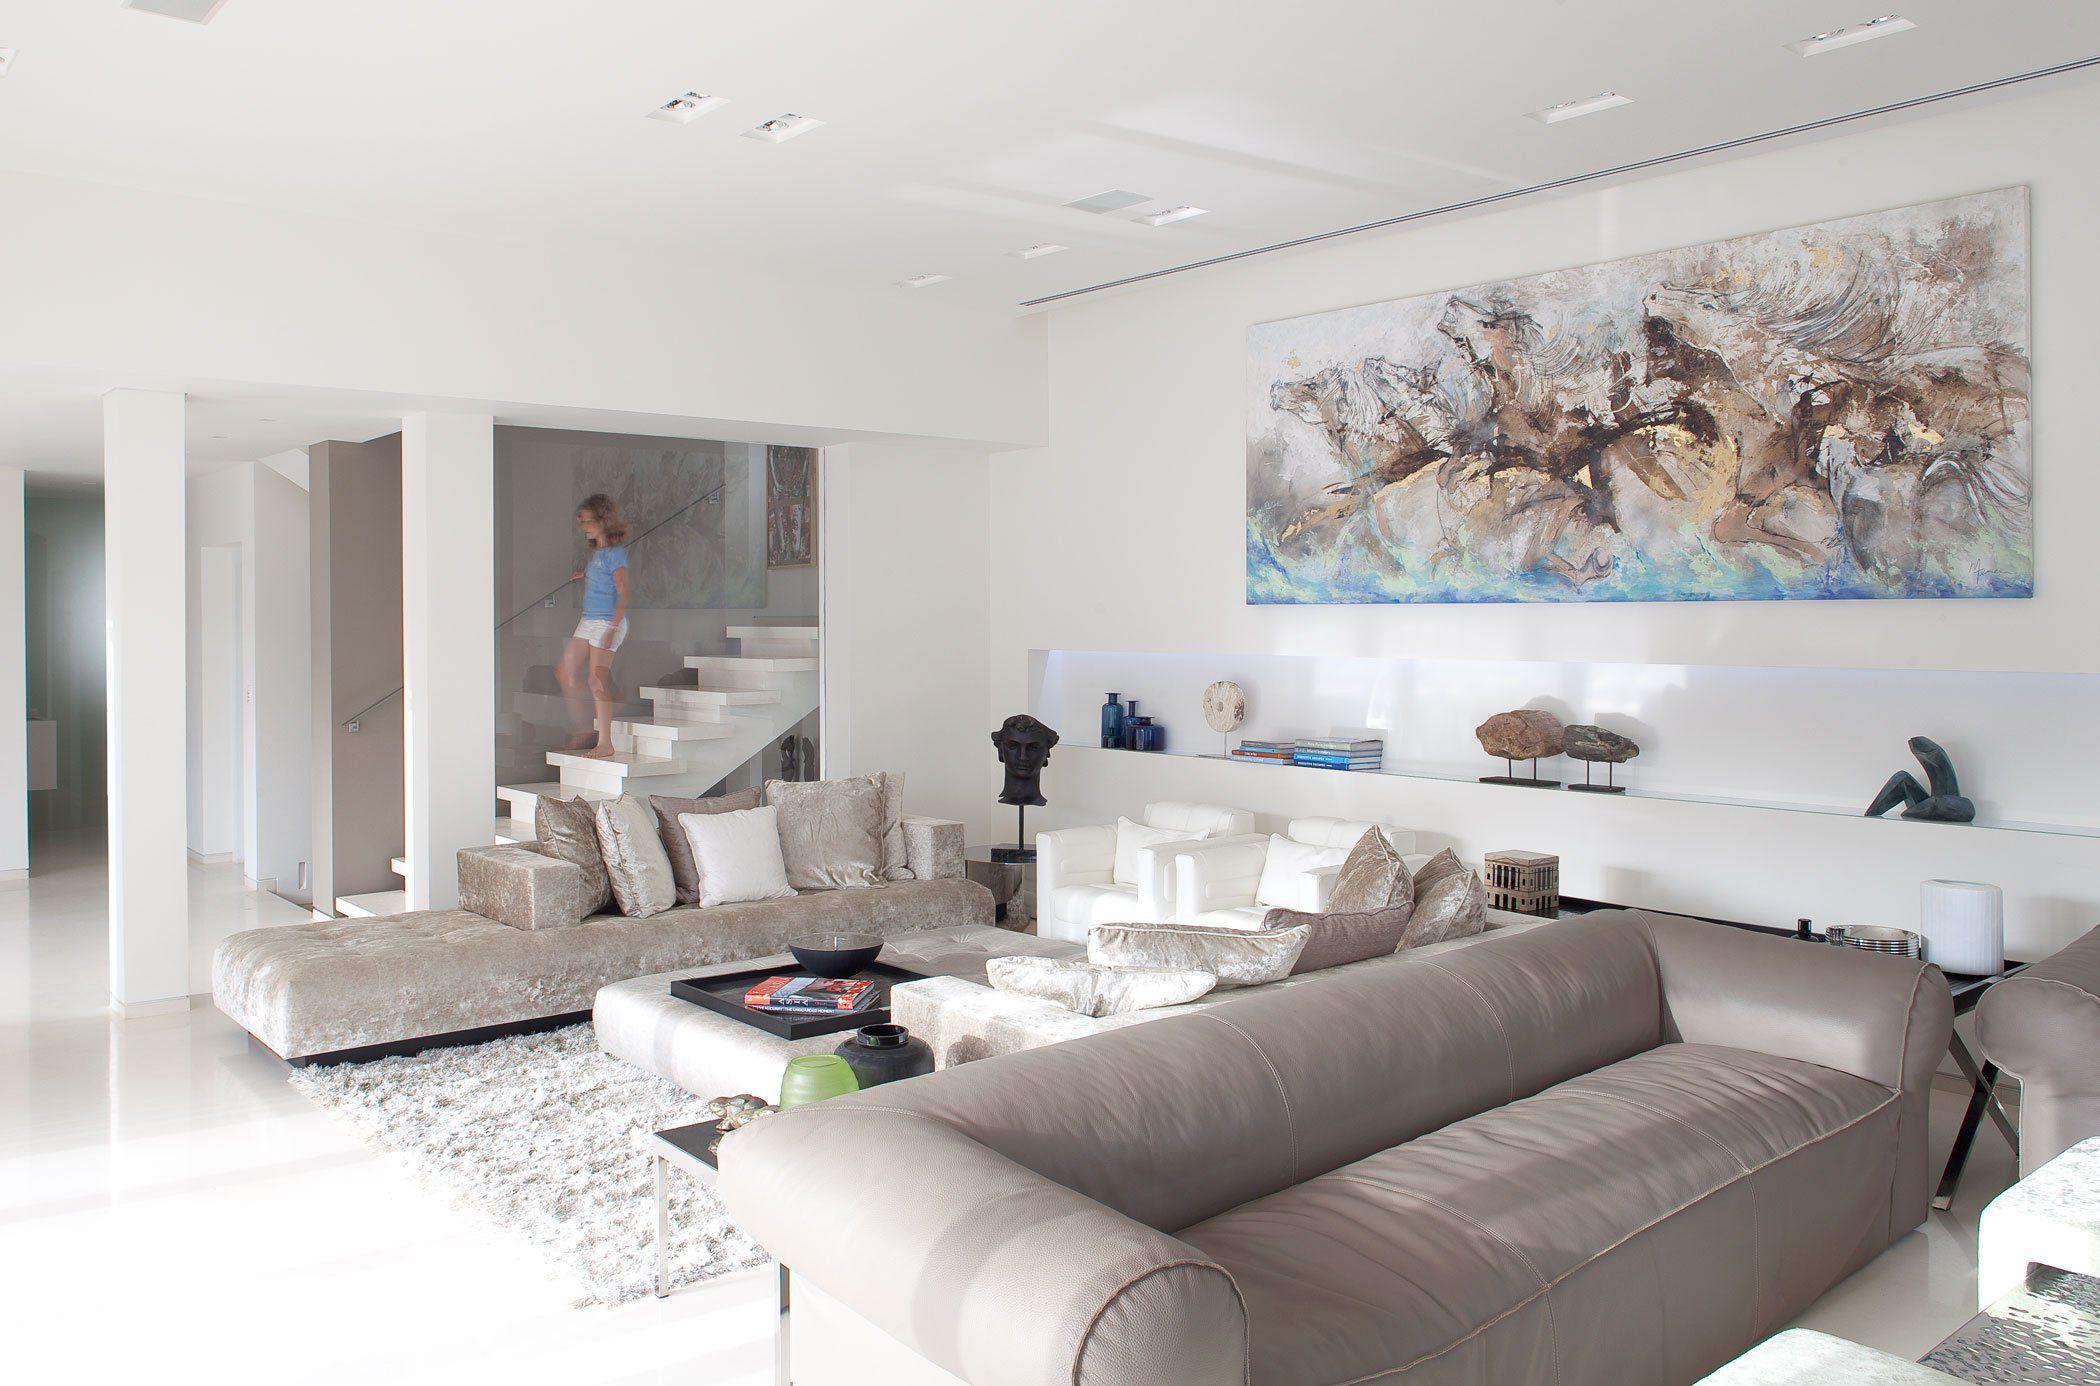 9 moderne, innovative Luxus Interieur Ideen fürs Wohnzimmer